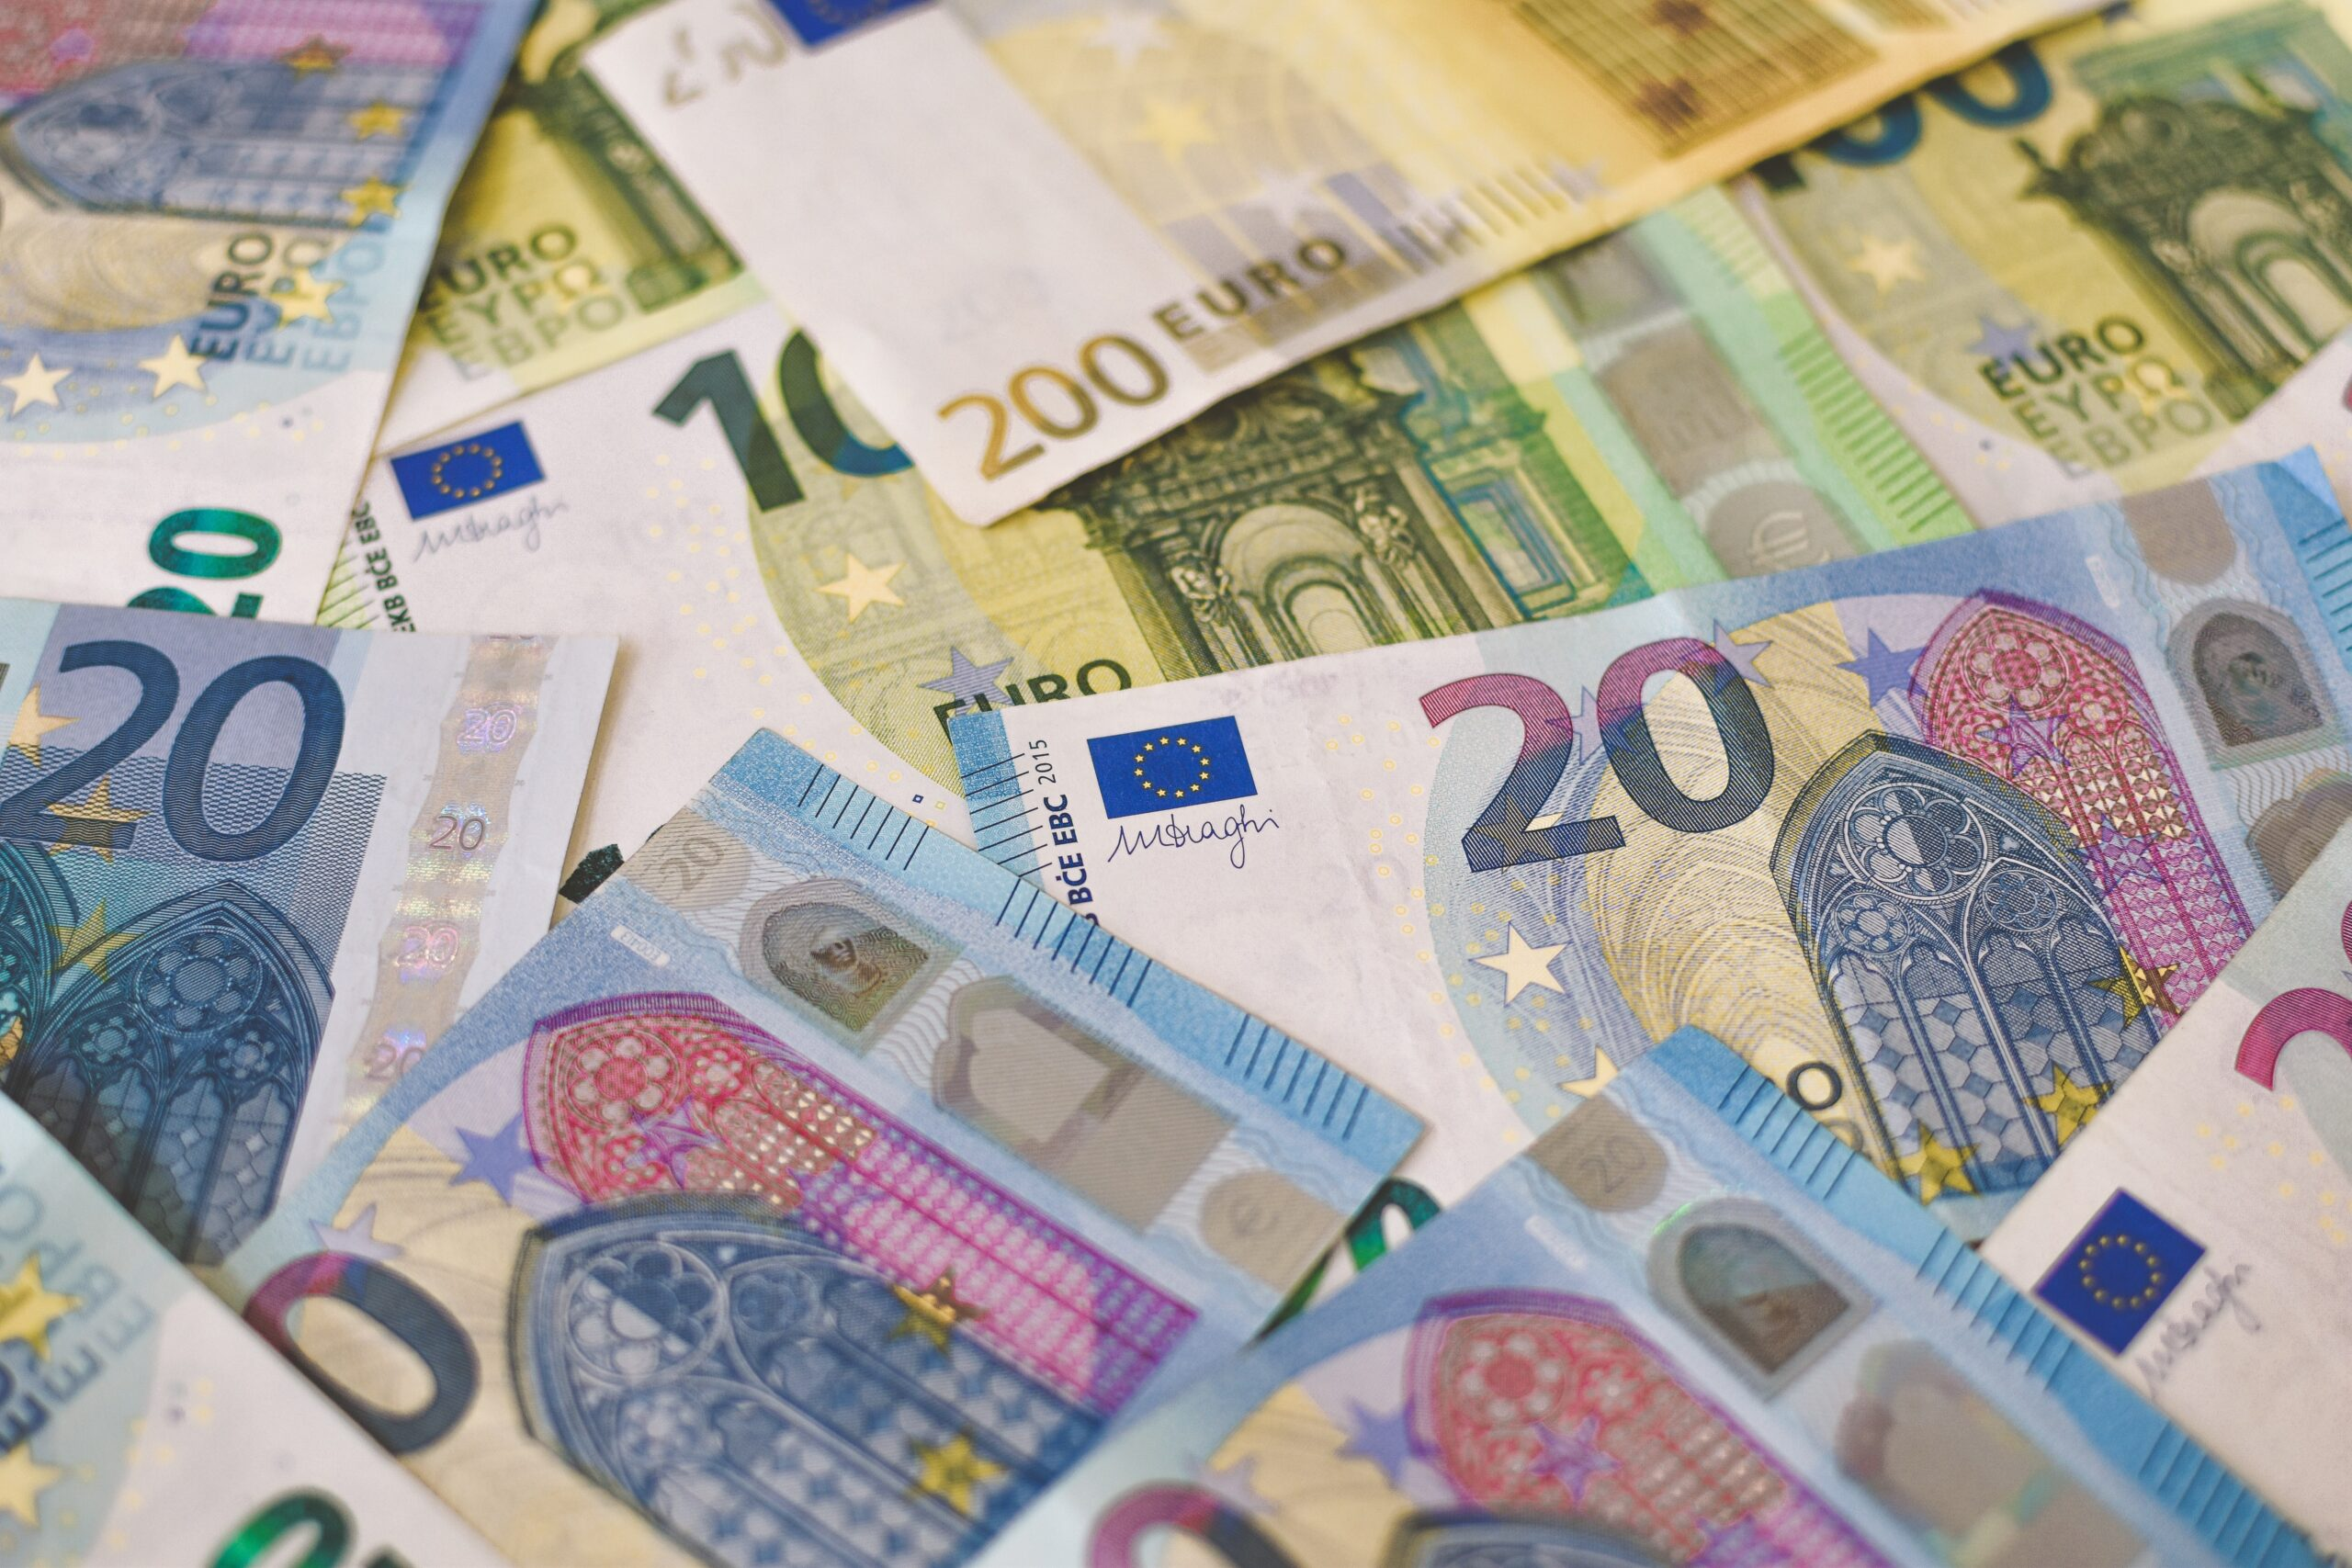 Sprawdź aktualny poziom dofinansowania w swoim województwie